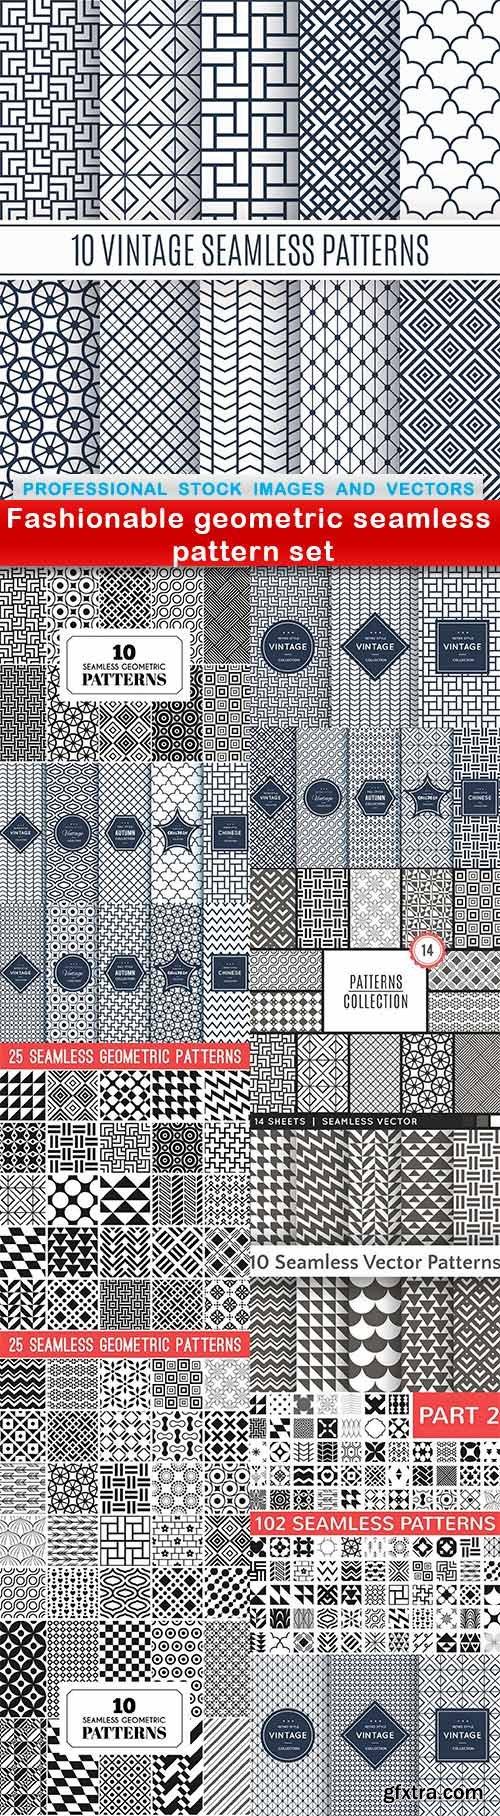 Fashionable geometric seamless pattern set - 13 EPS